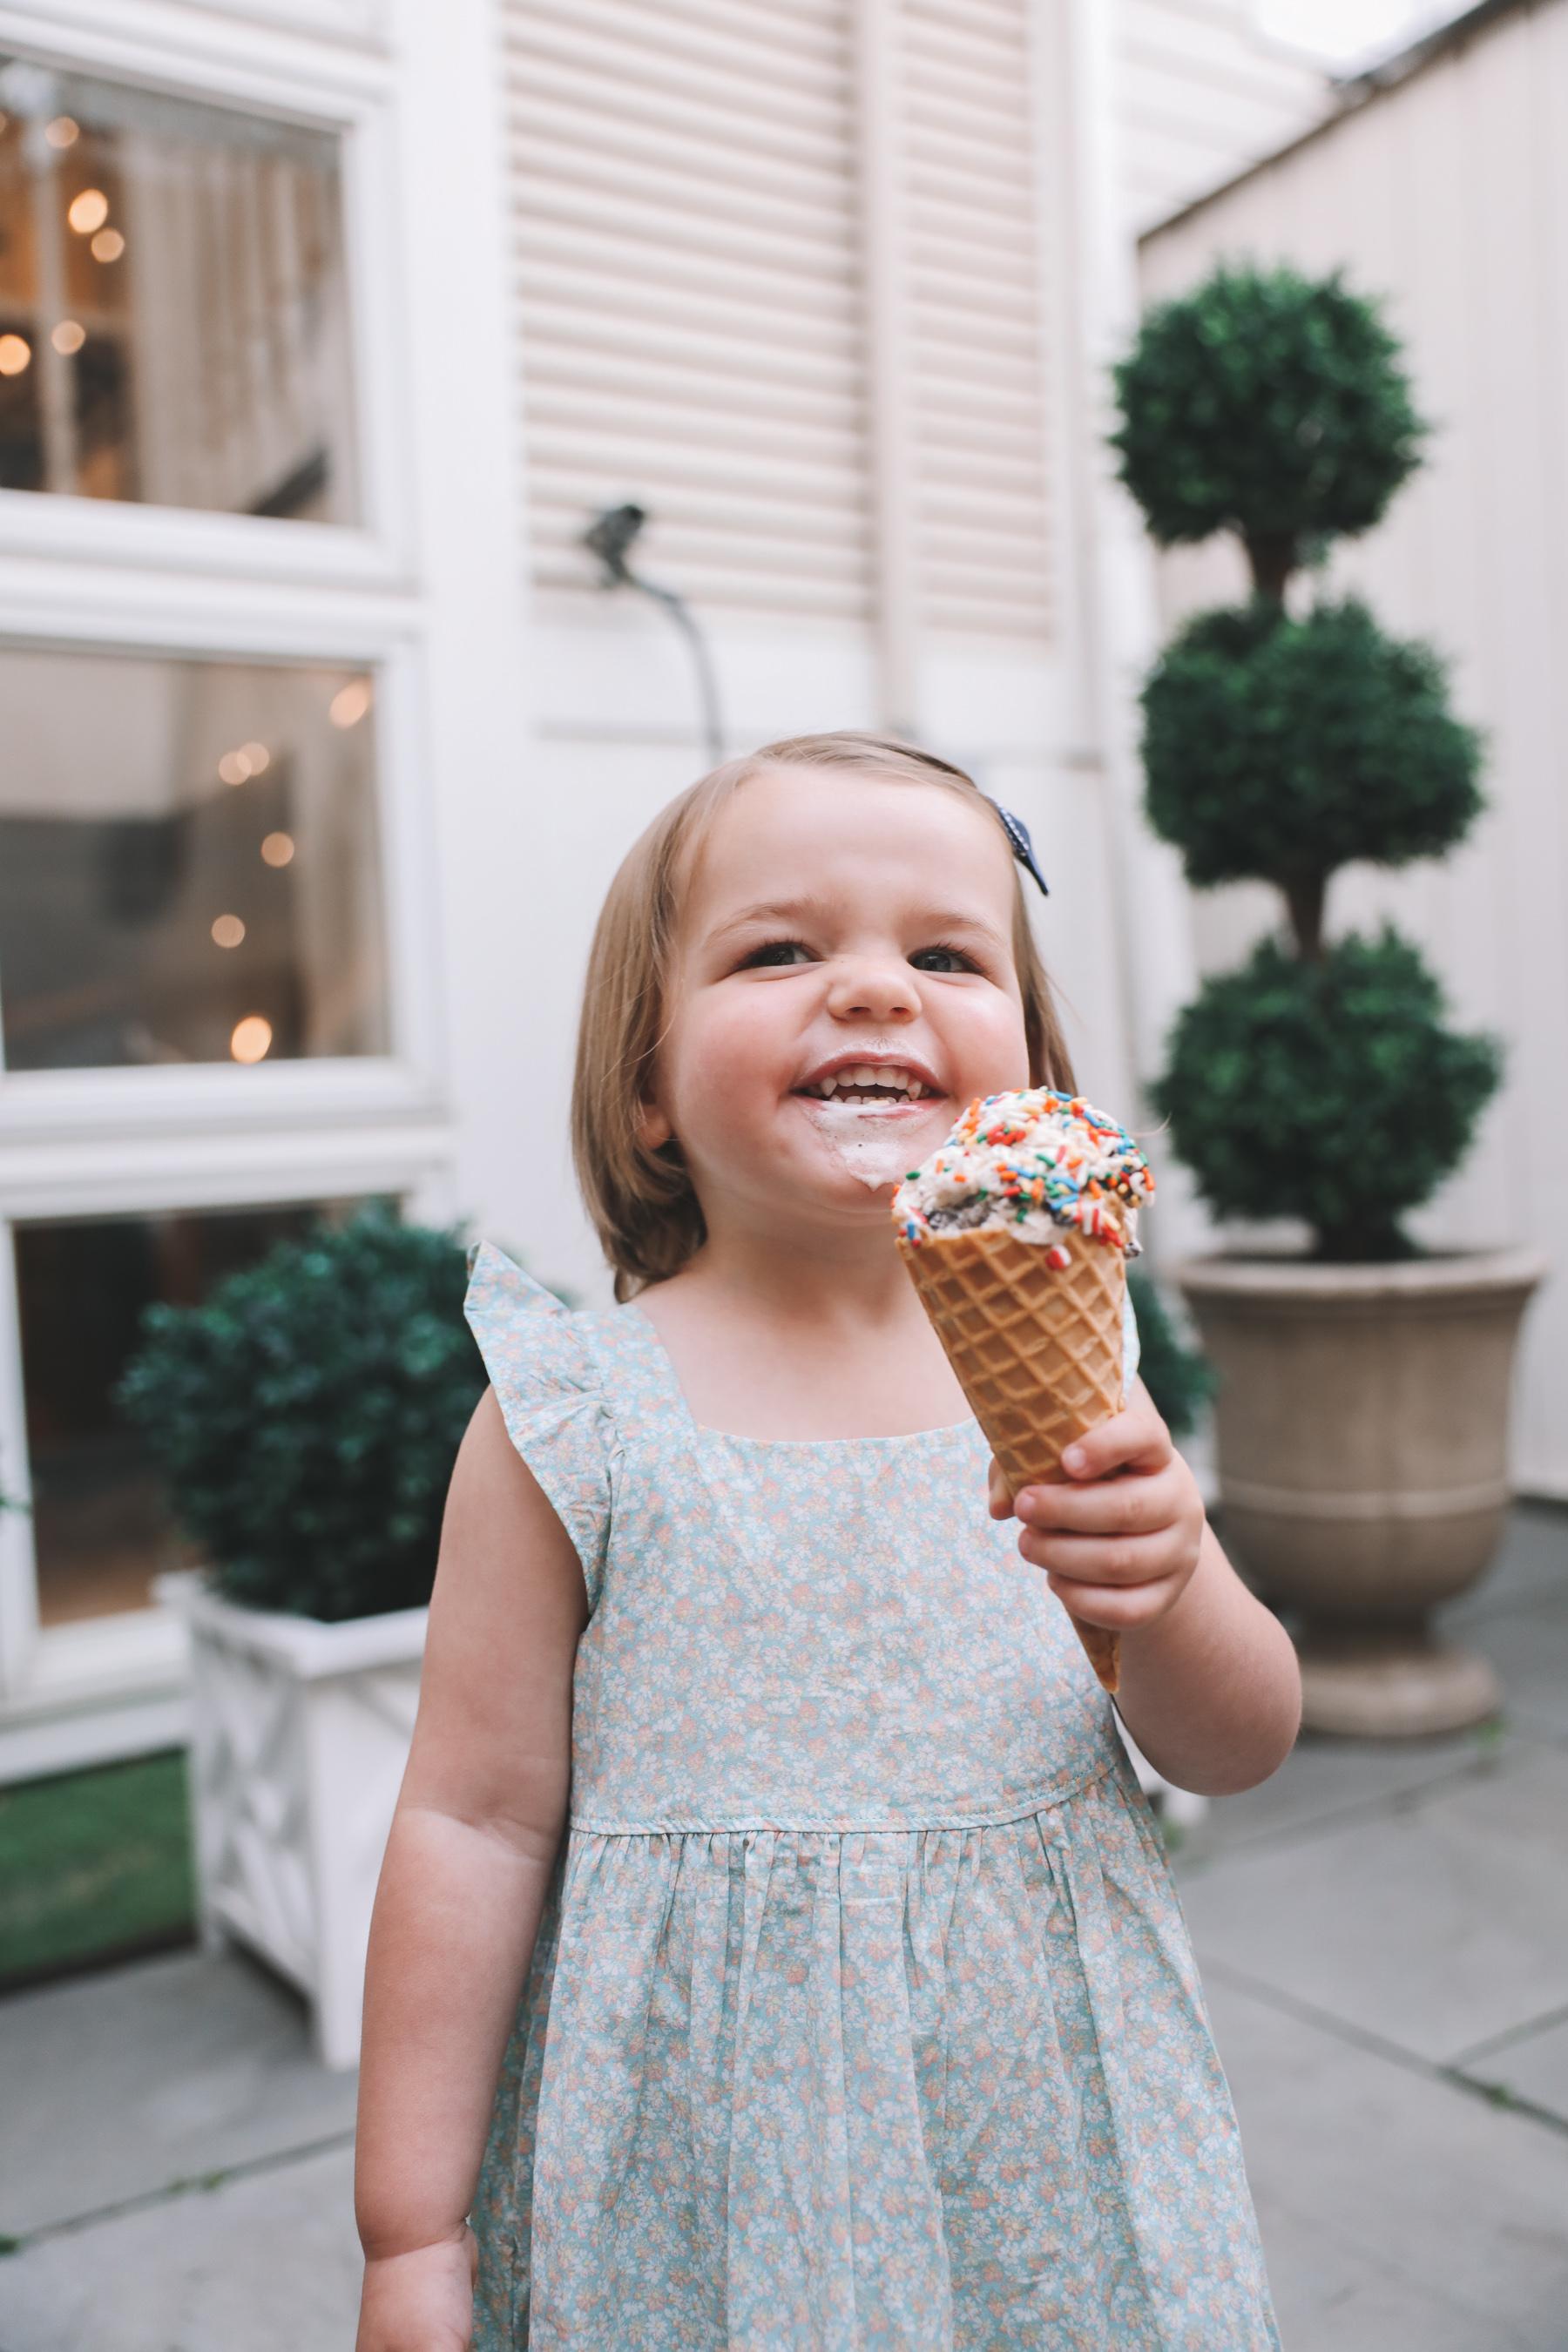 toddler eating Target ice cream